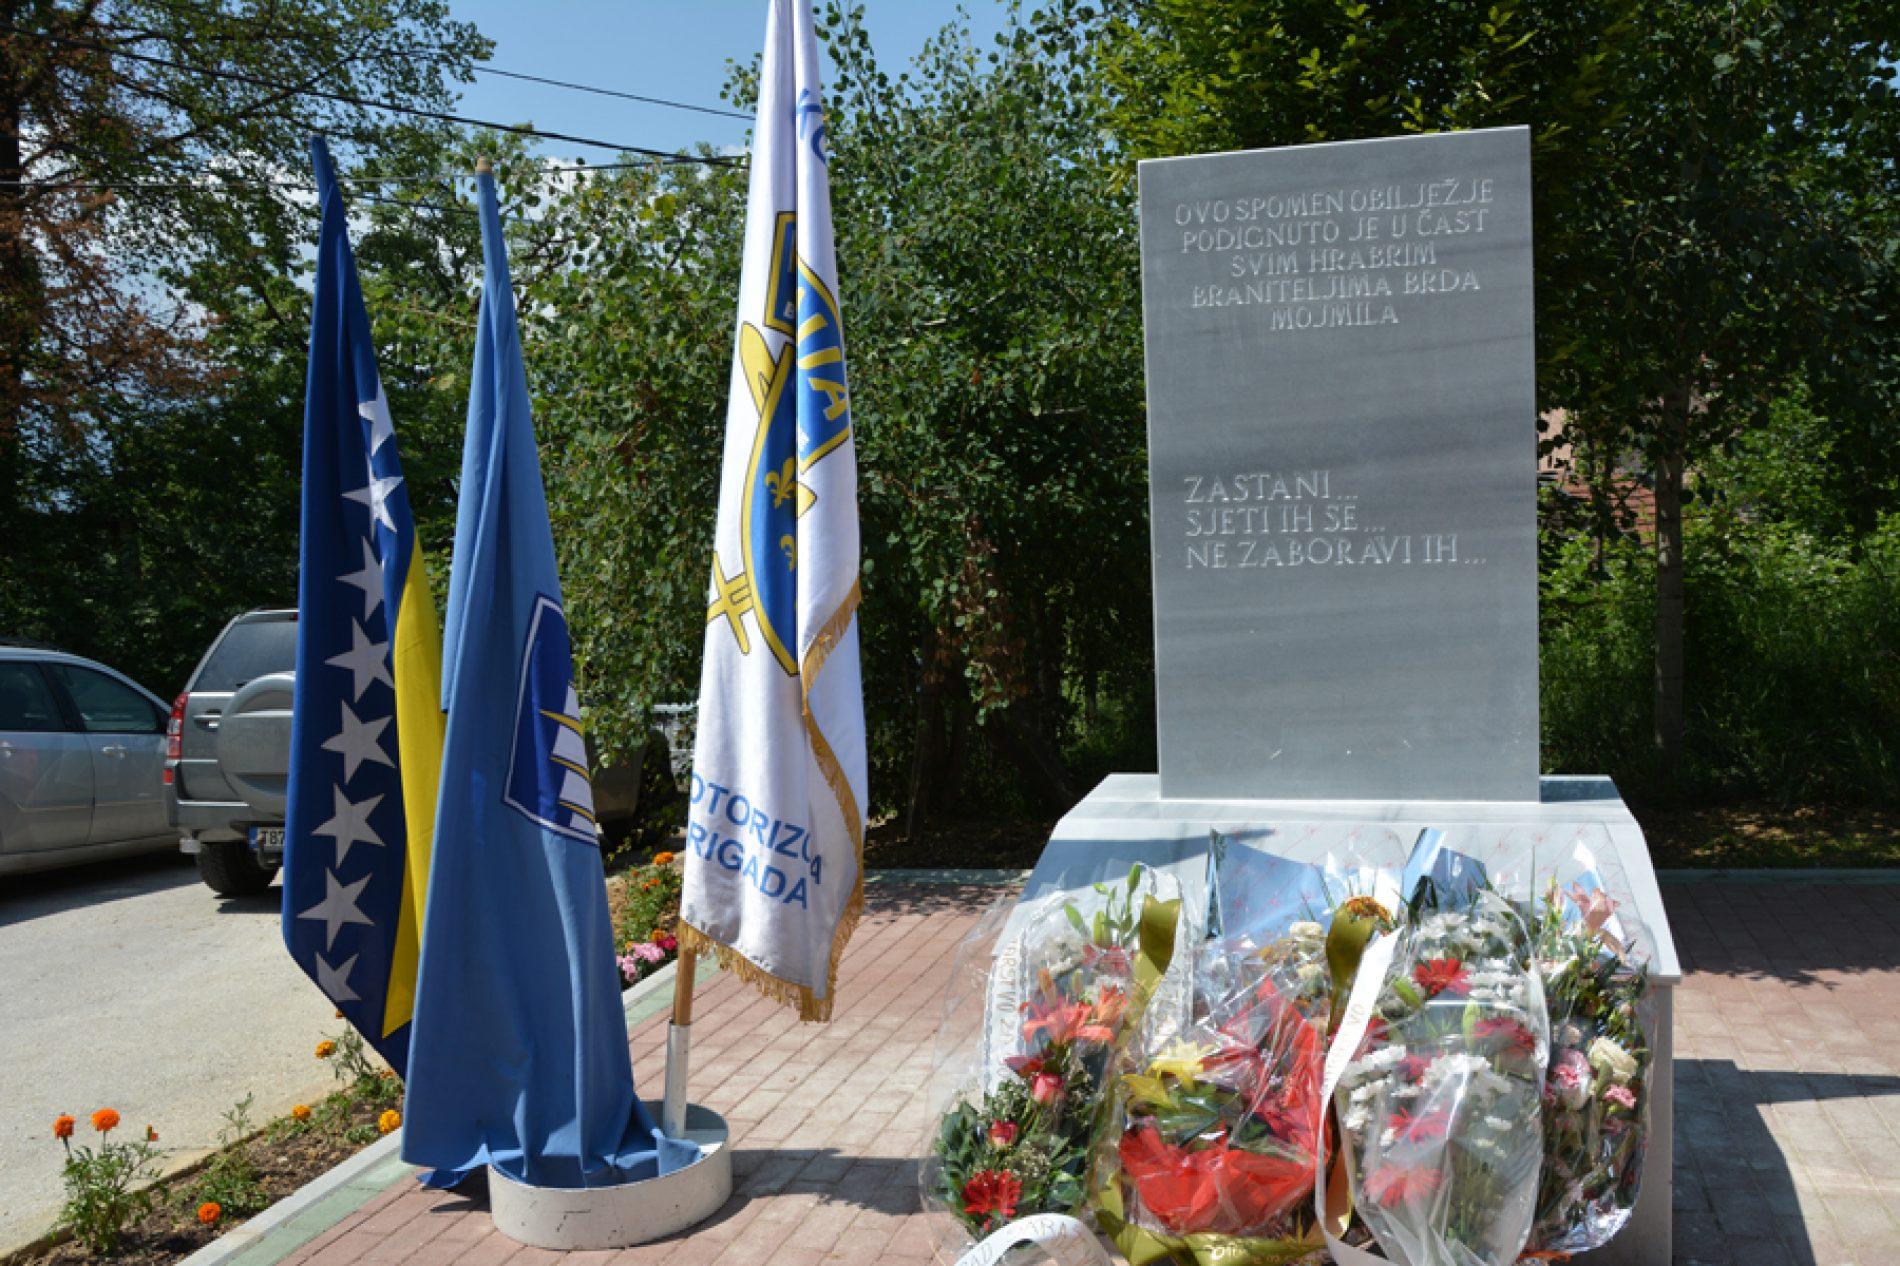 Sarajevo: Obilježena godišnjica odbrane brda Mojmilo i bitke za vodovod